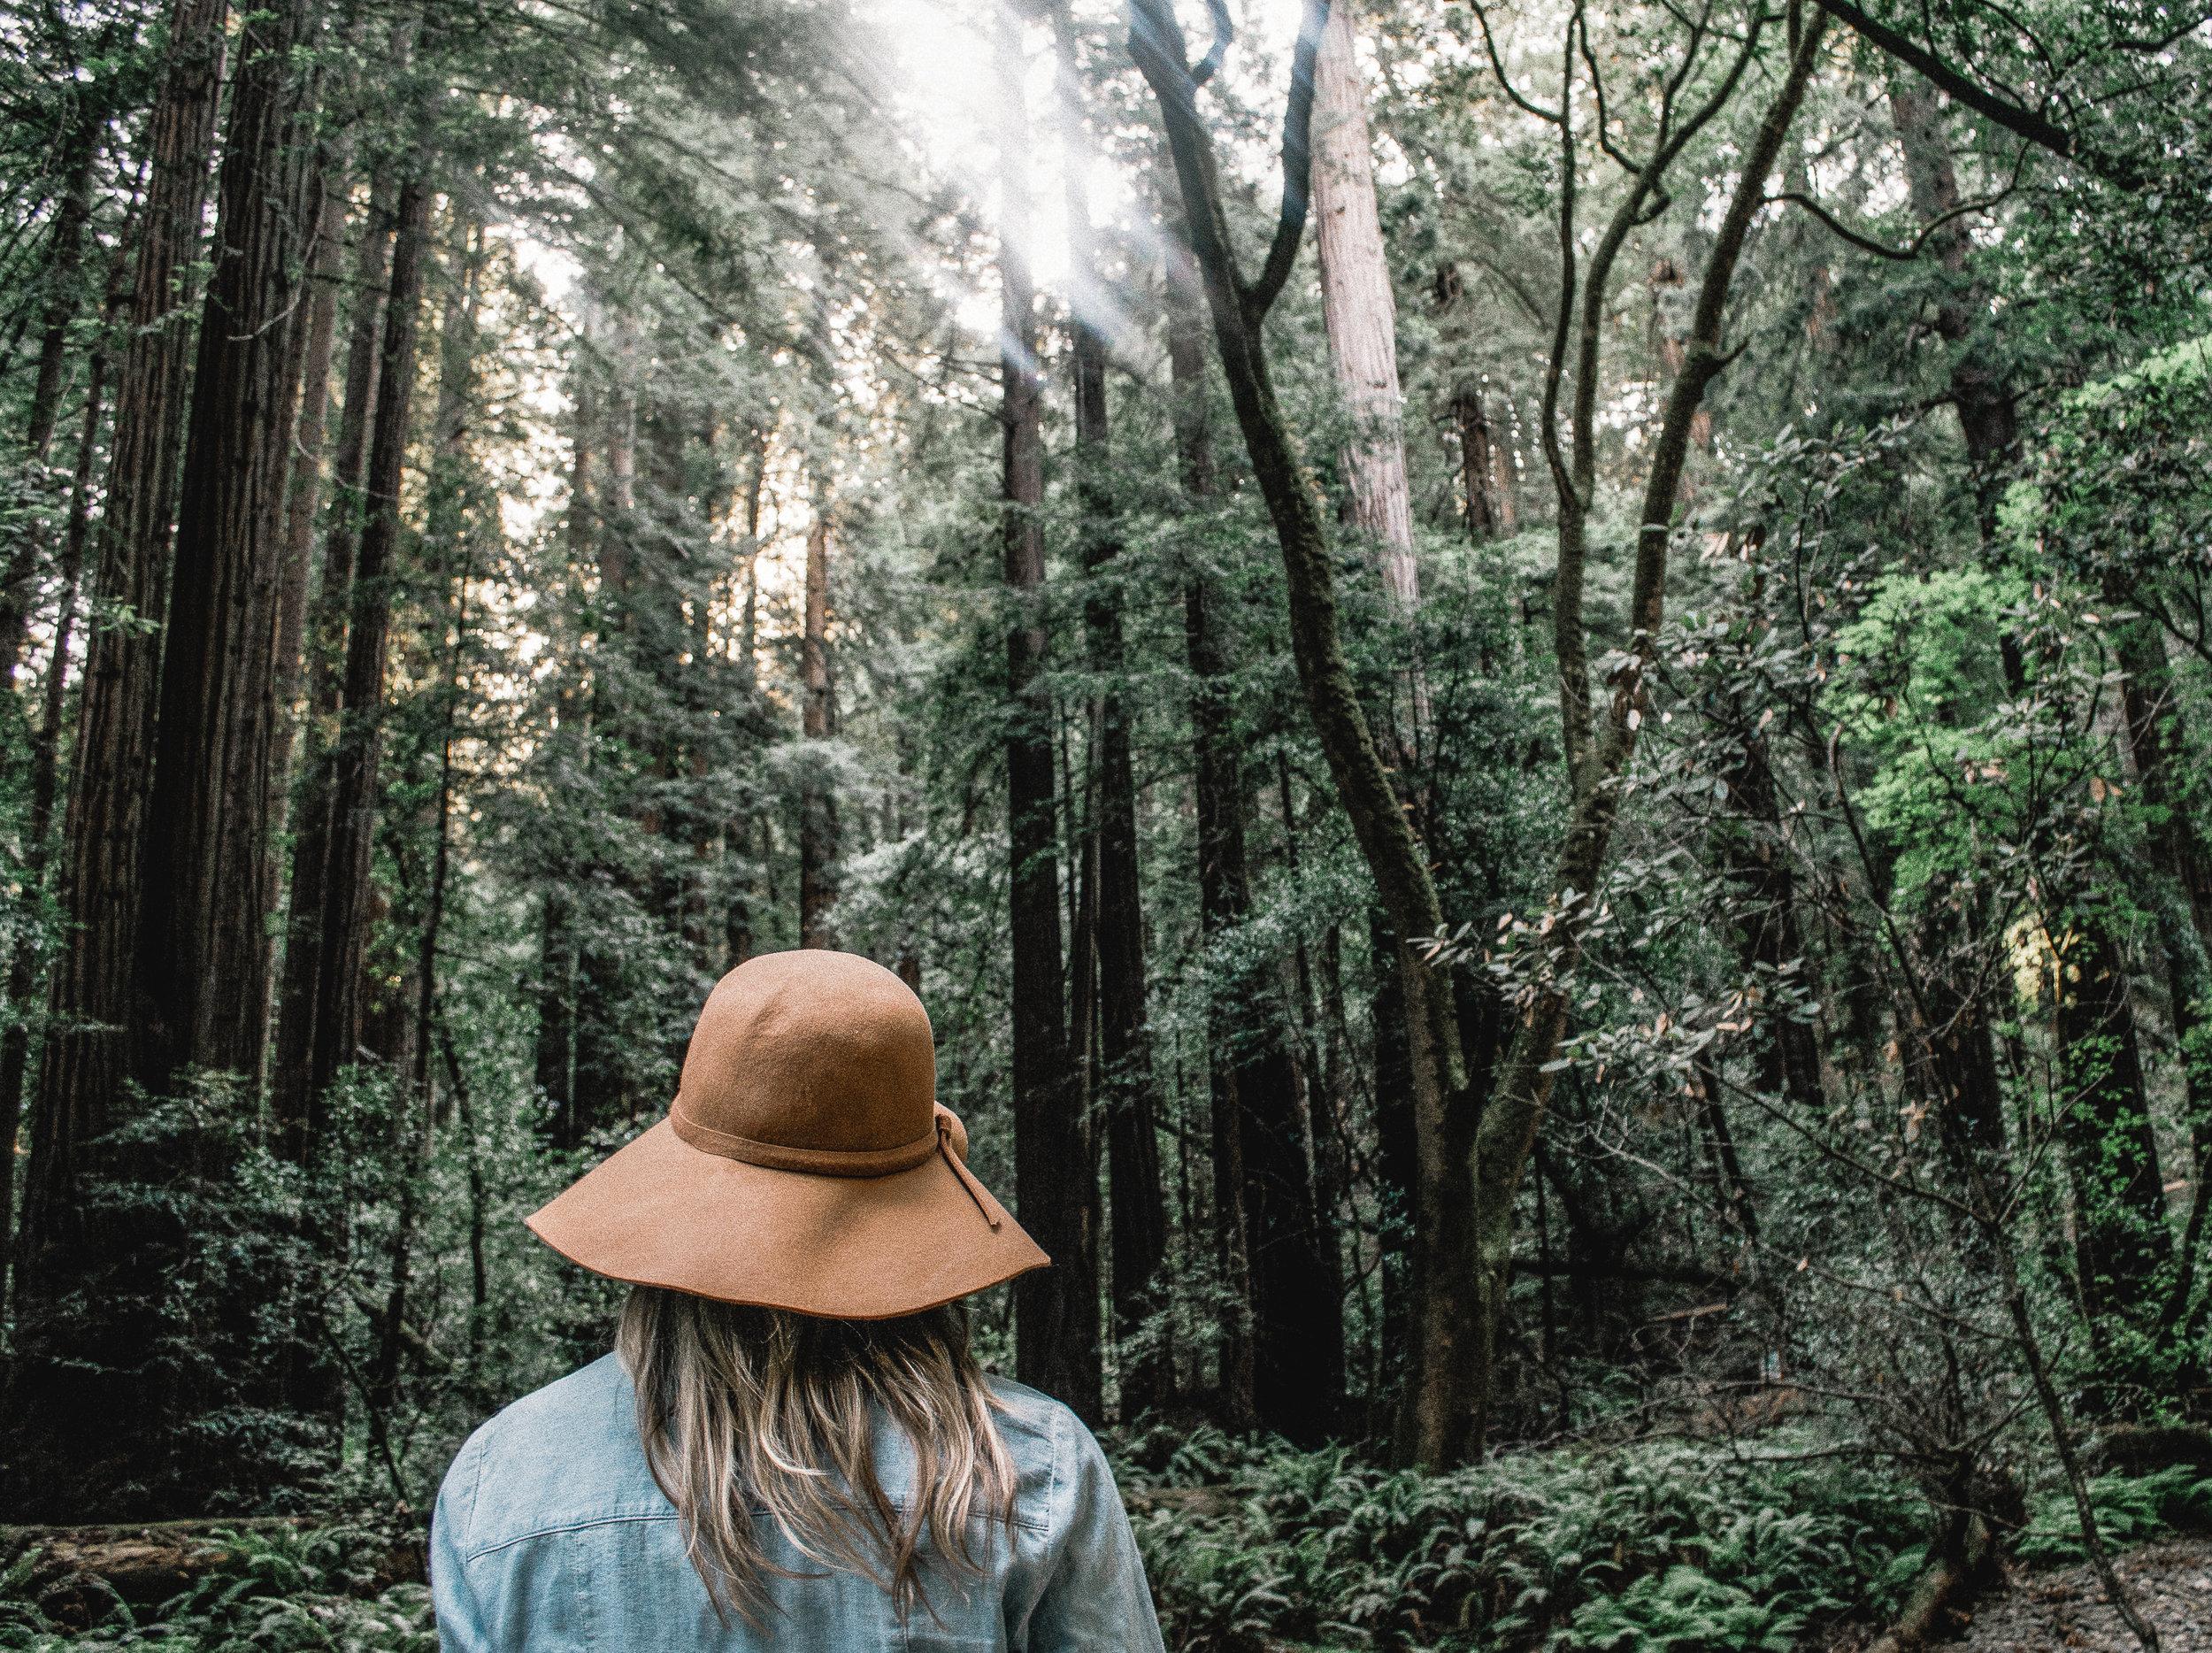 - Concientizarnos sobre la naturaleza: relación e impactos.